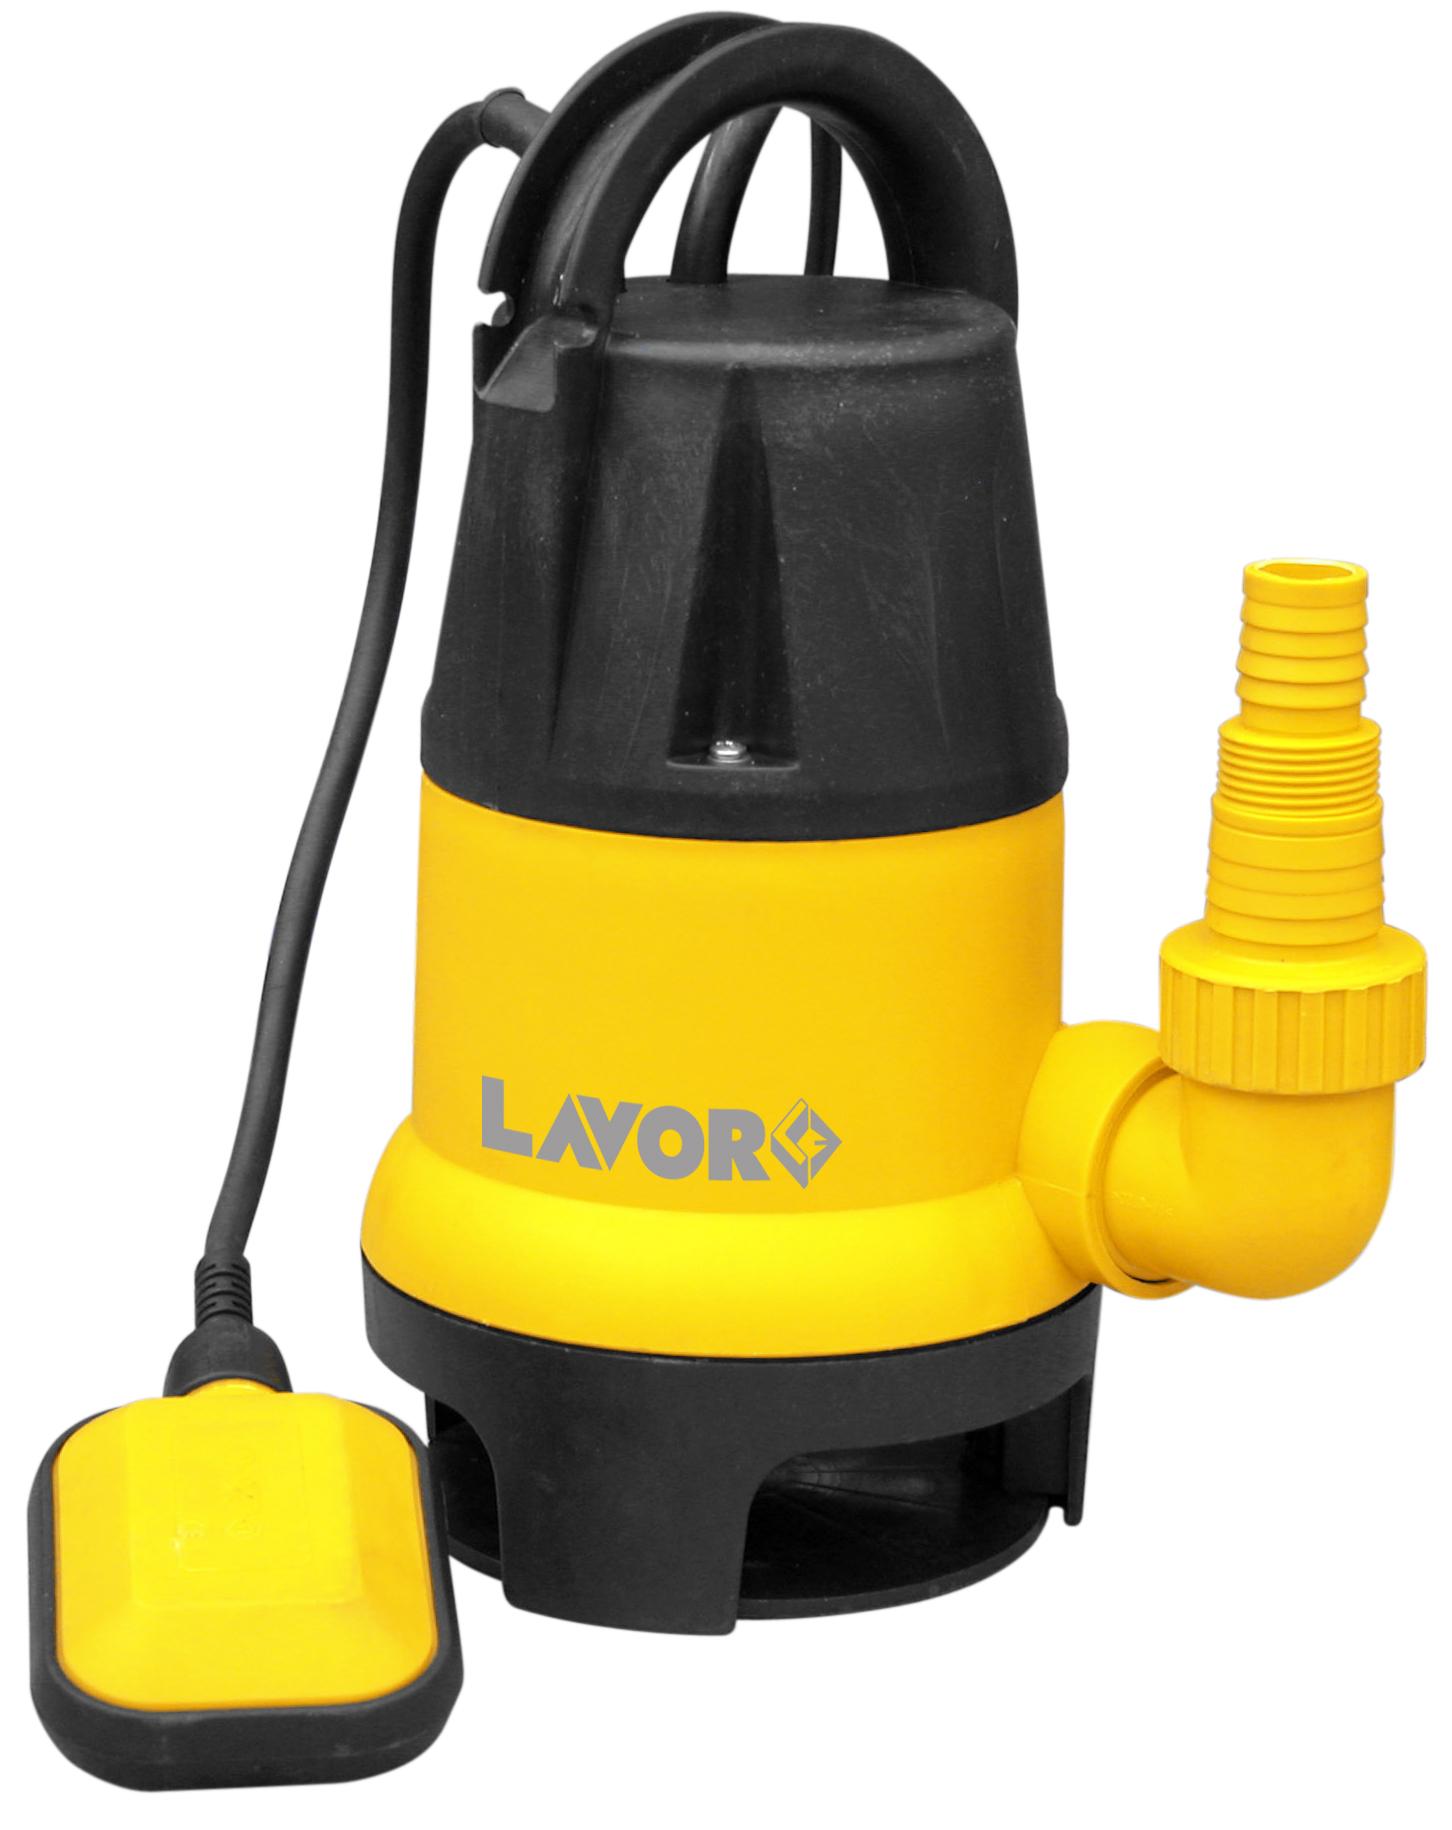 LAVOR Schmutzwasserpumpe Tauchpumpe Wasserpumpe Pumpe EDS-P 10500